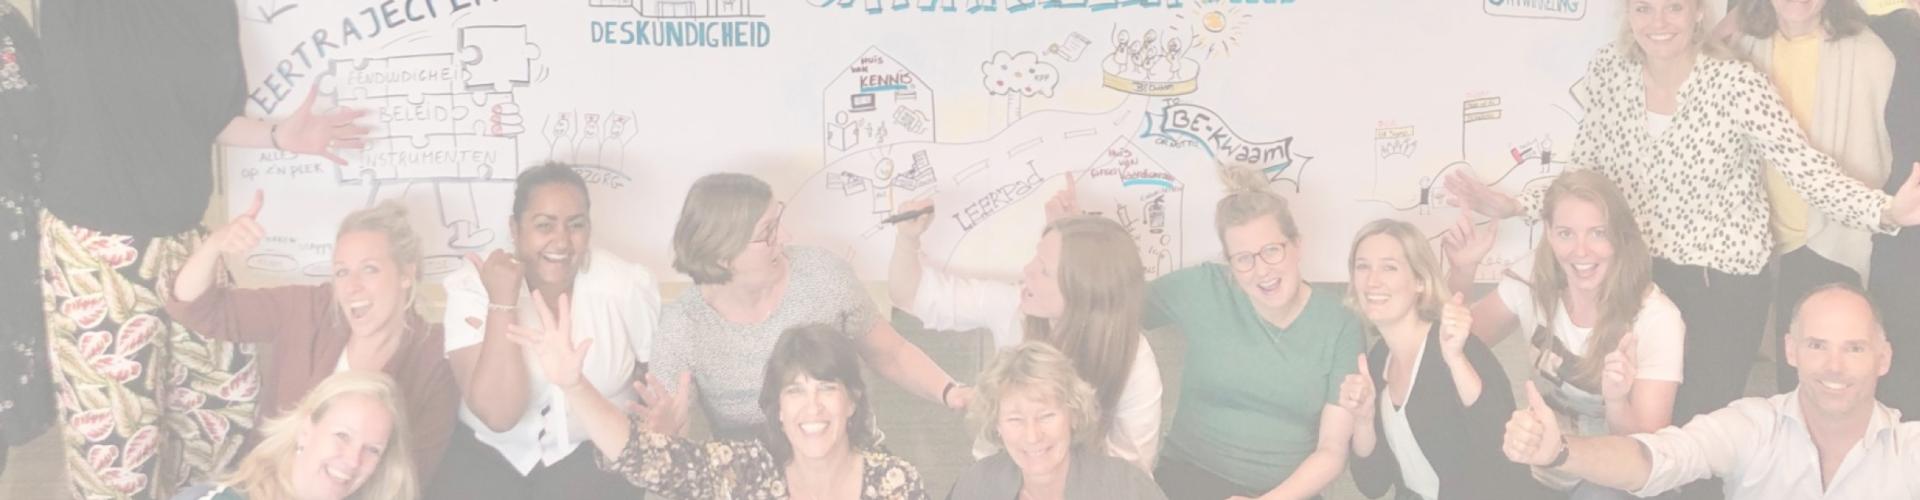 Visuele teambuilding